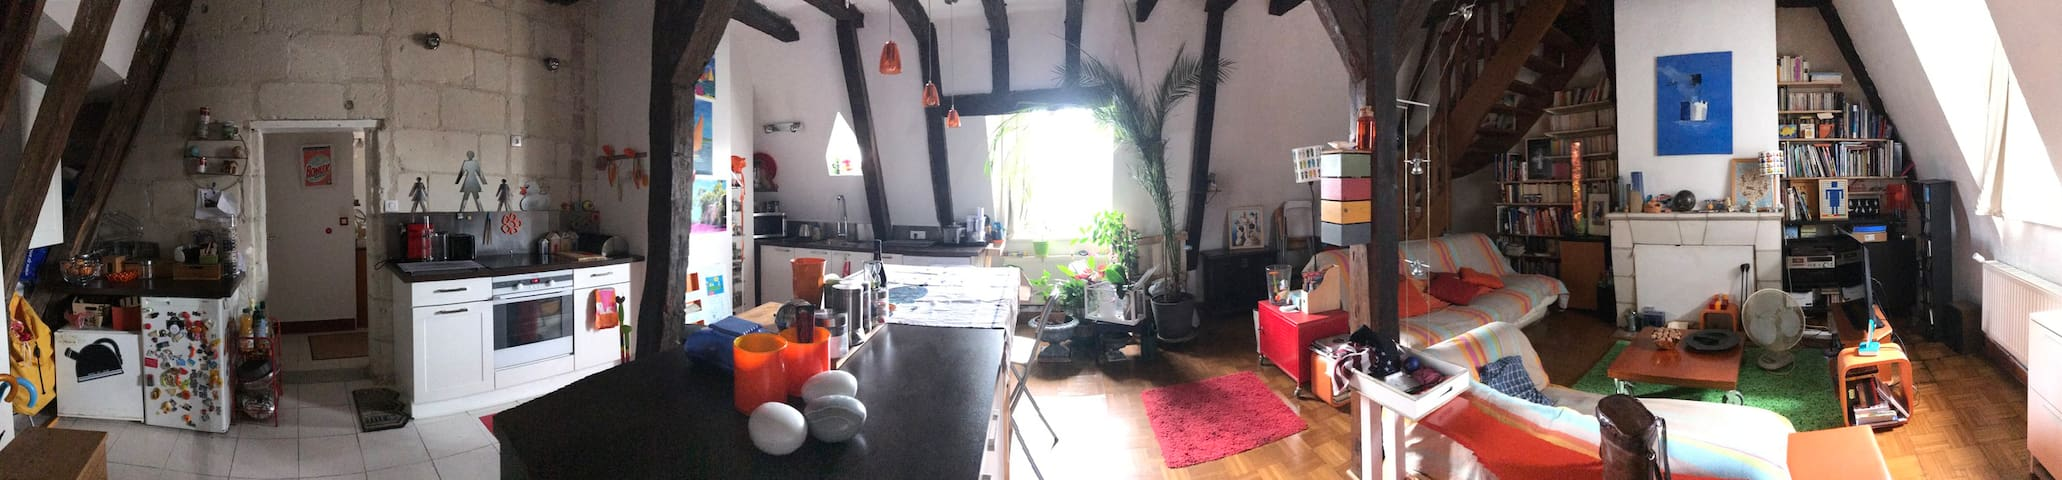 Panoramique Cuisine Salon